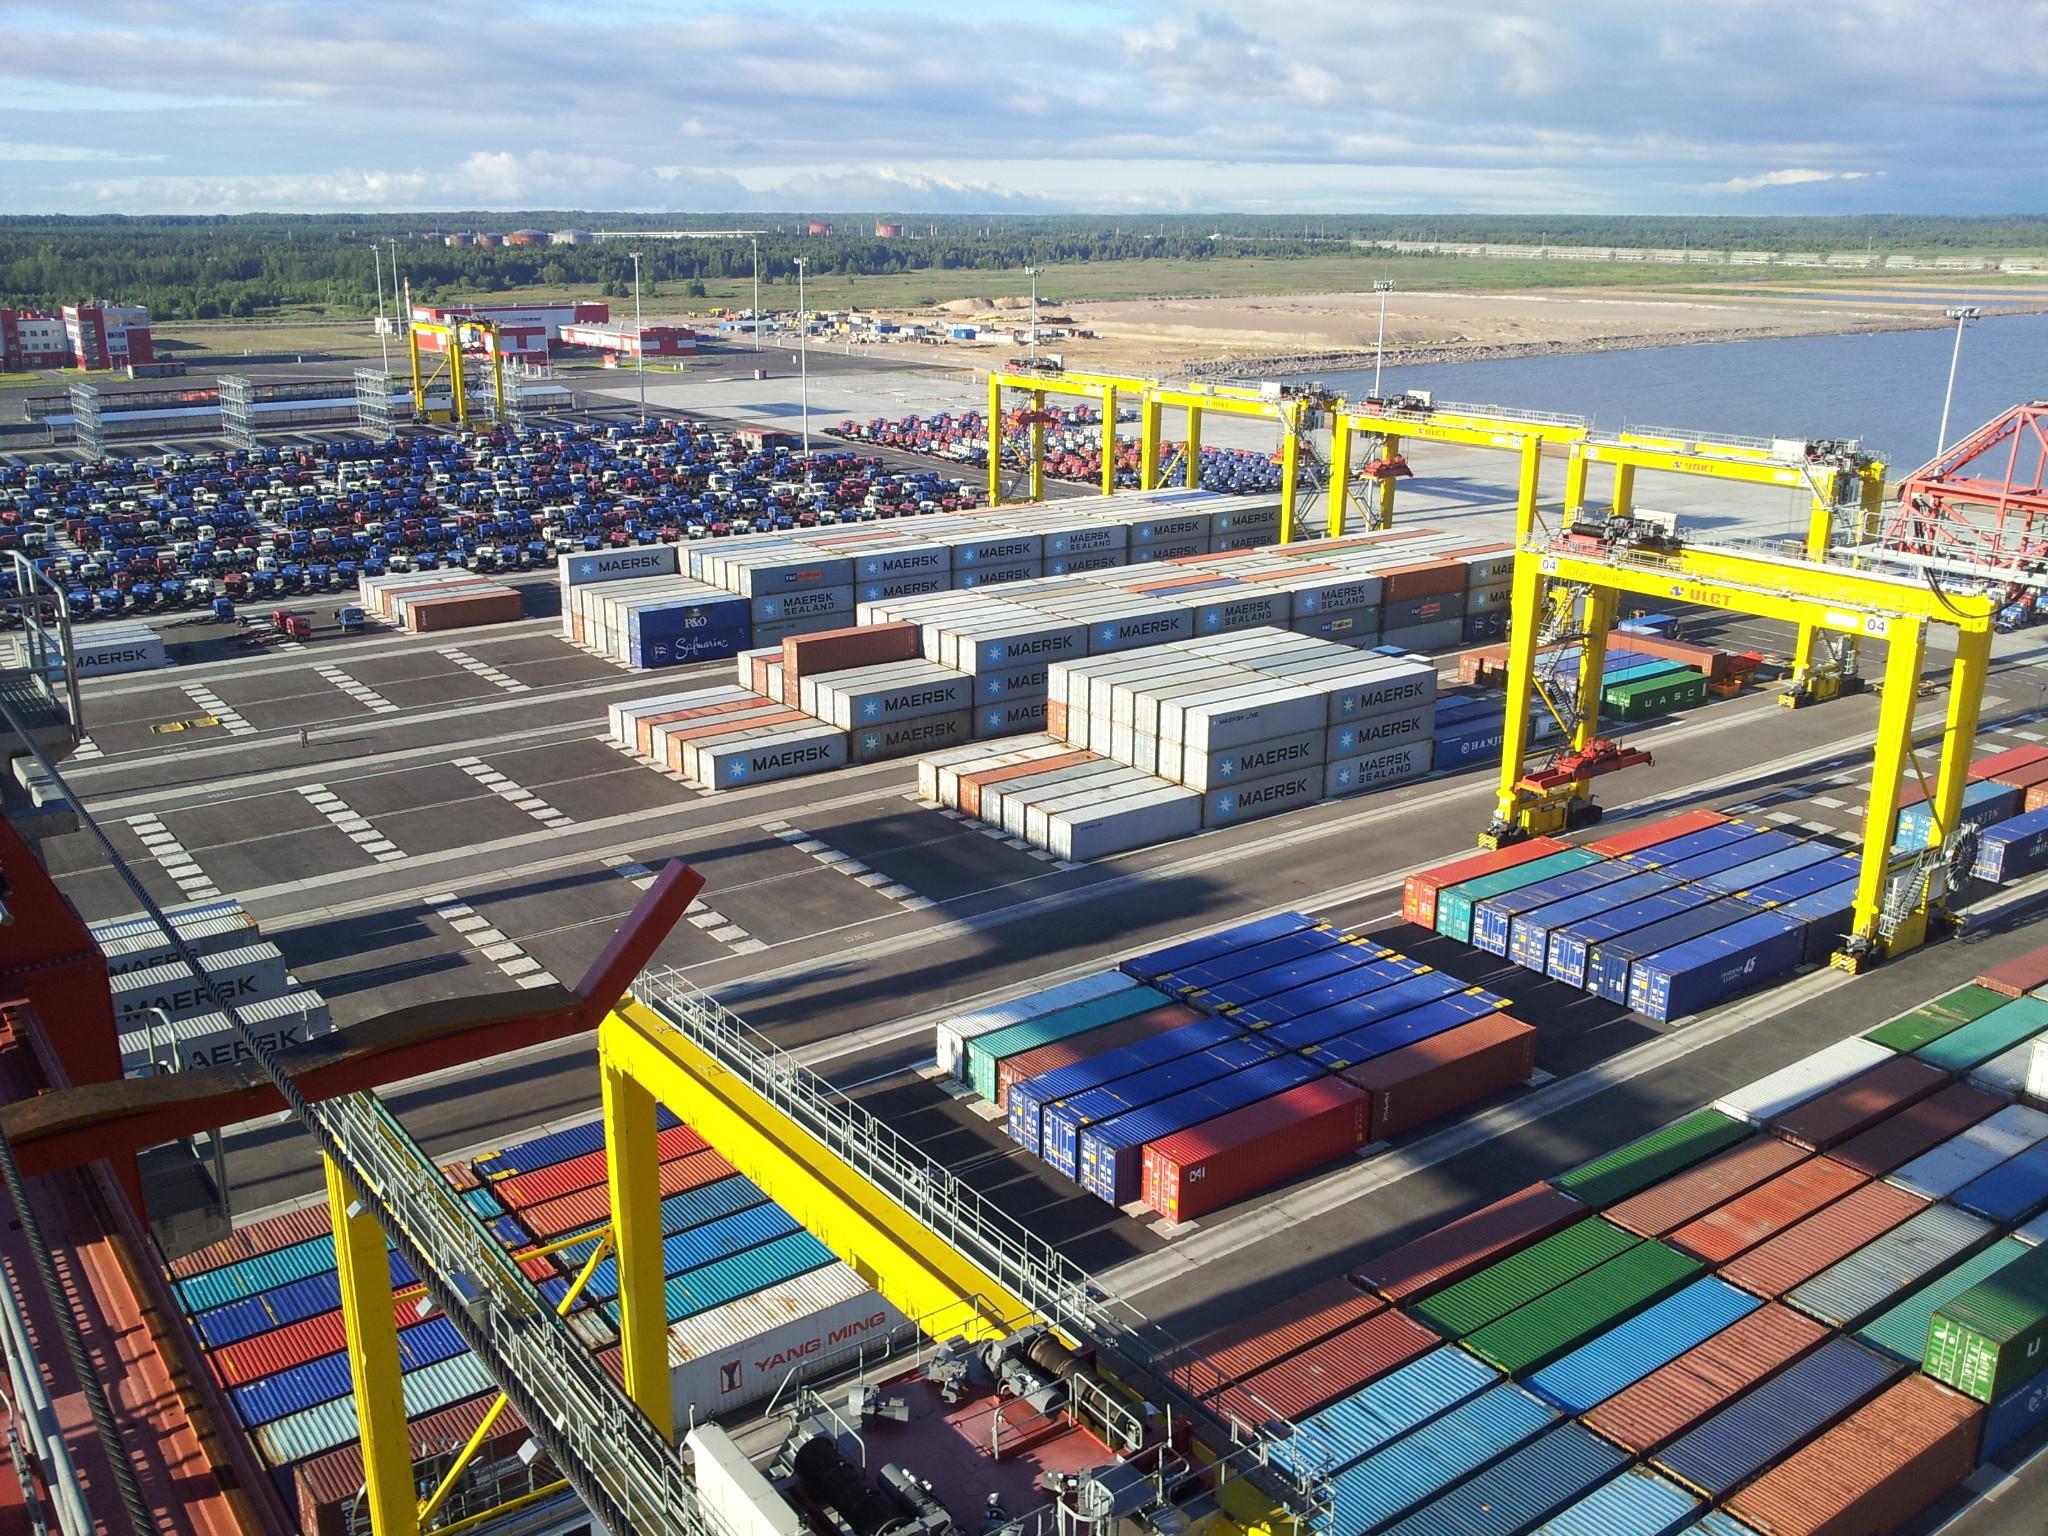 Грузооборот морских портов России за январь-апрель 2014 года вырос на 6,2% - до 197,8 млн тонн